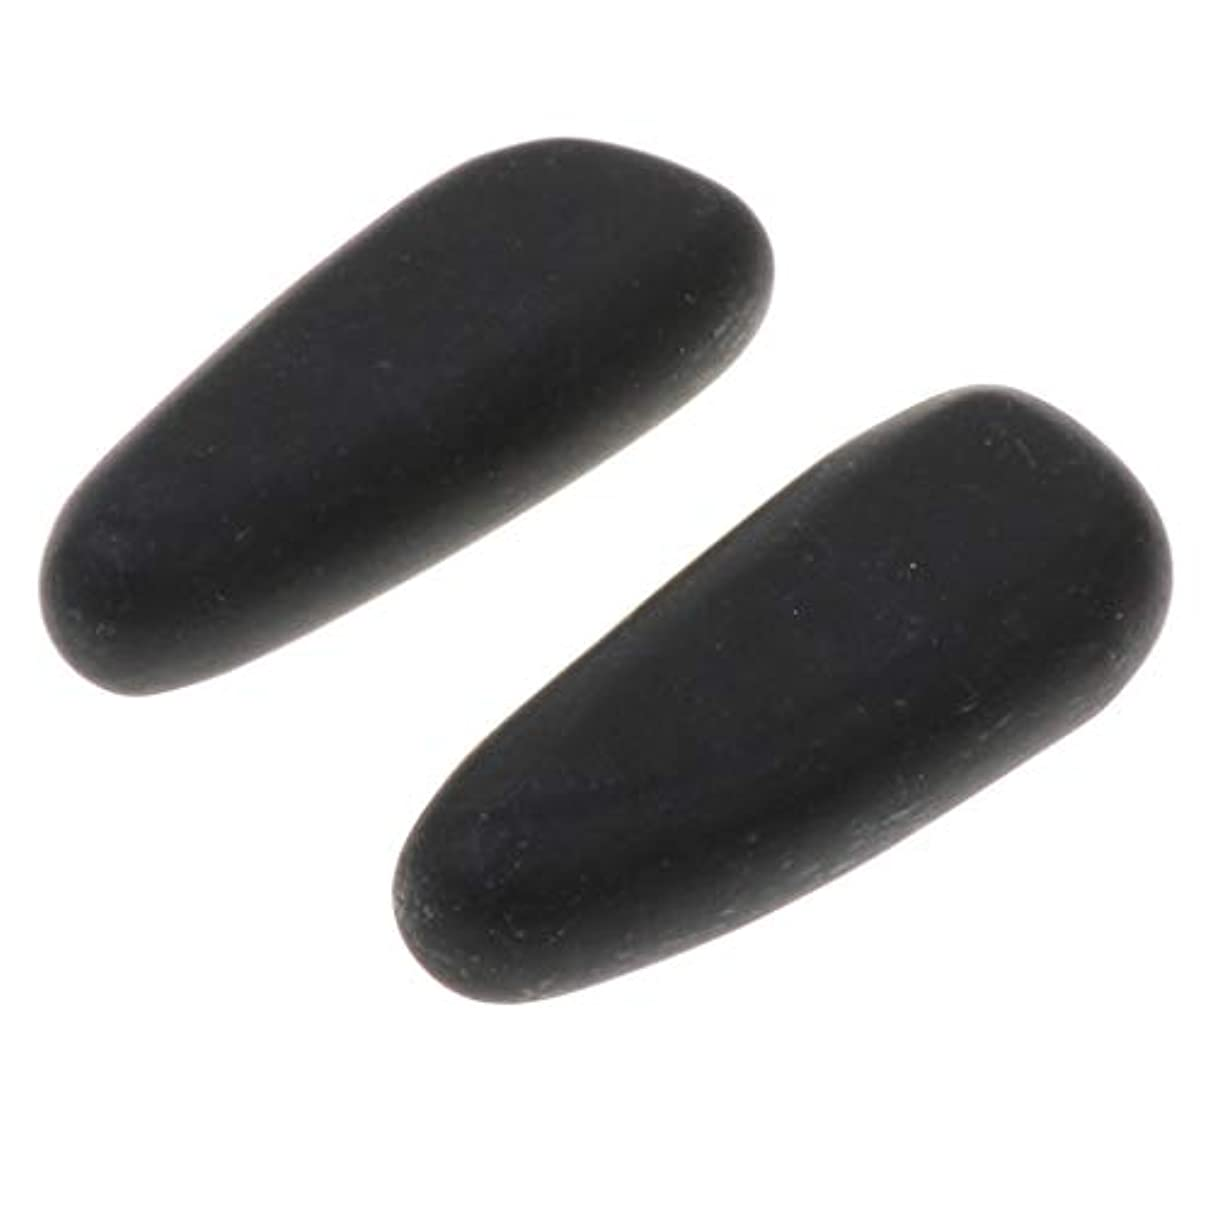 優しさつらいポーターCUTICATE 天然石ホットストーン マッサージ用玄武岩 マッサージストーン ボディマッサージ 実用 2個 全2サイズ - 8×3.2×2cm